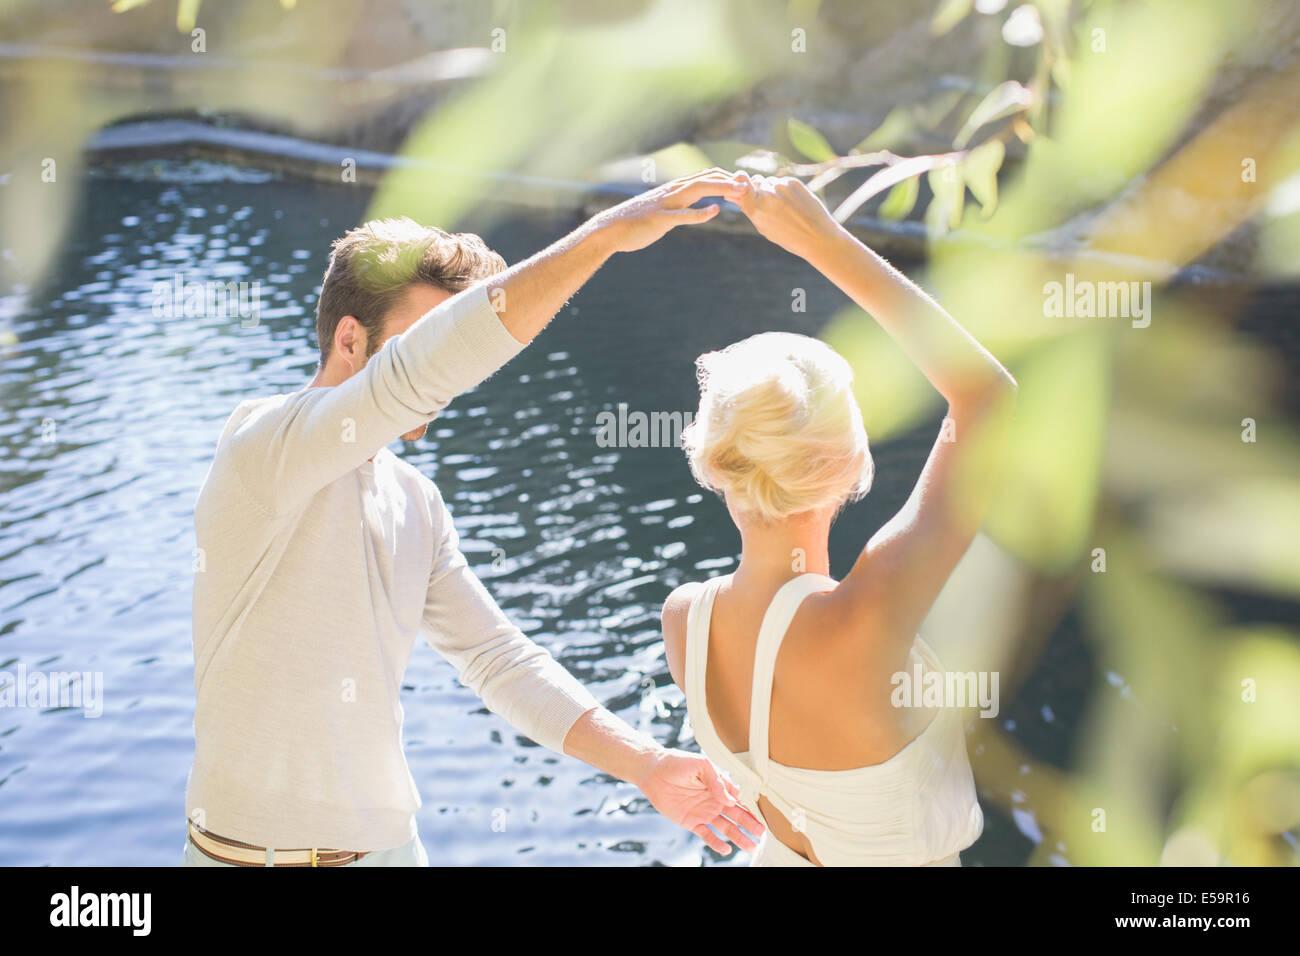 Pareja de bailarines por la piscina Imagen De Stock